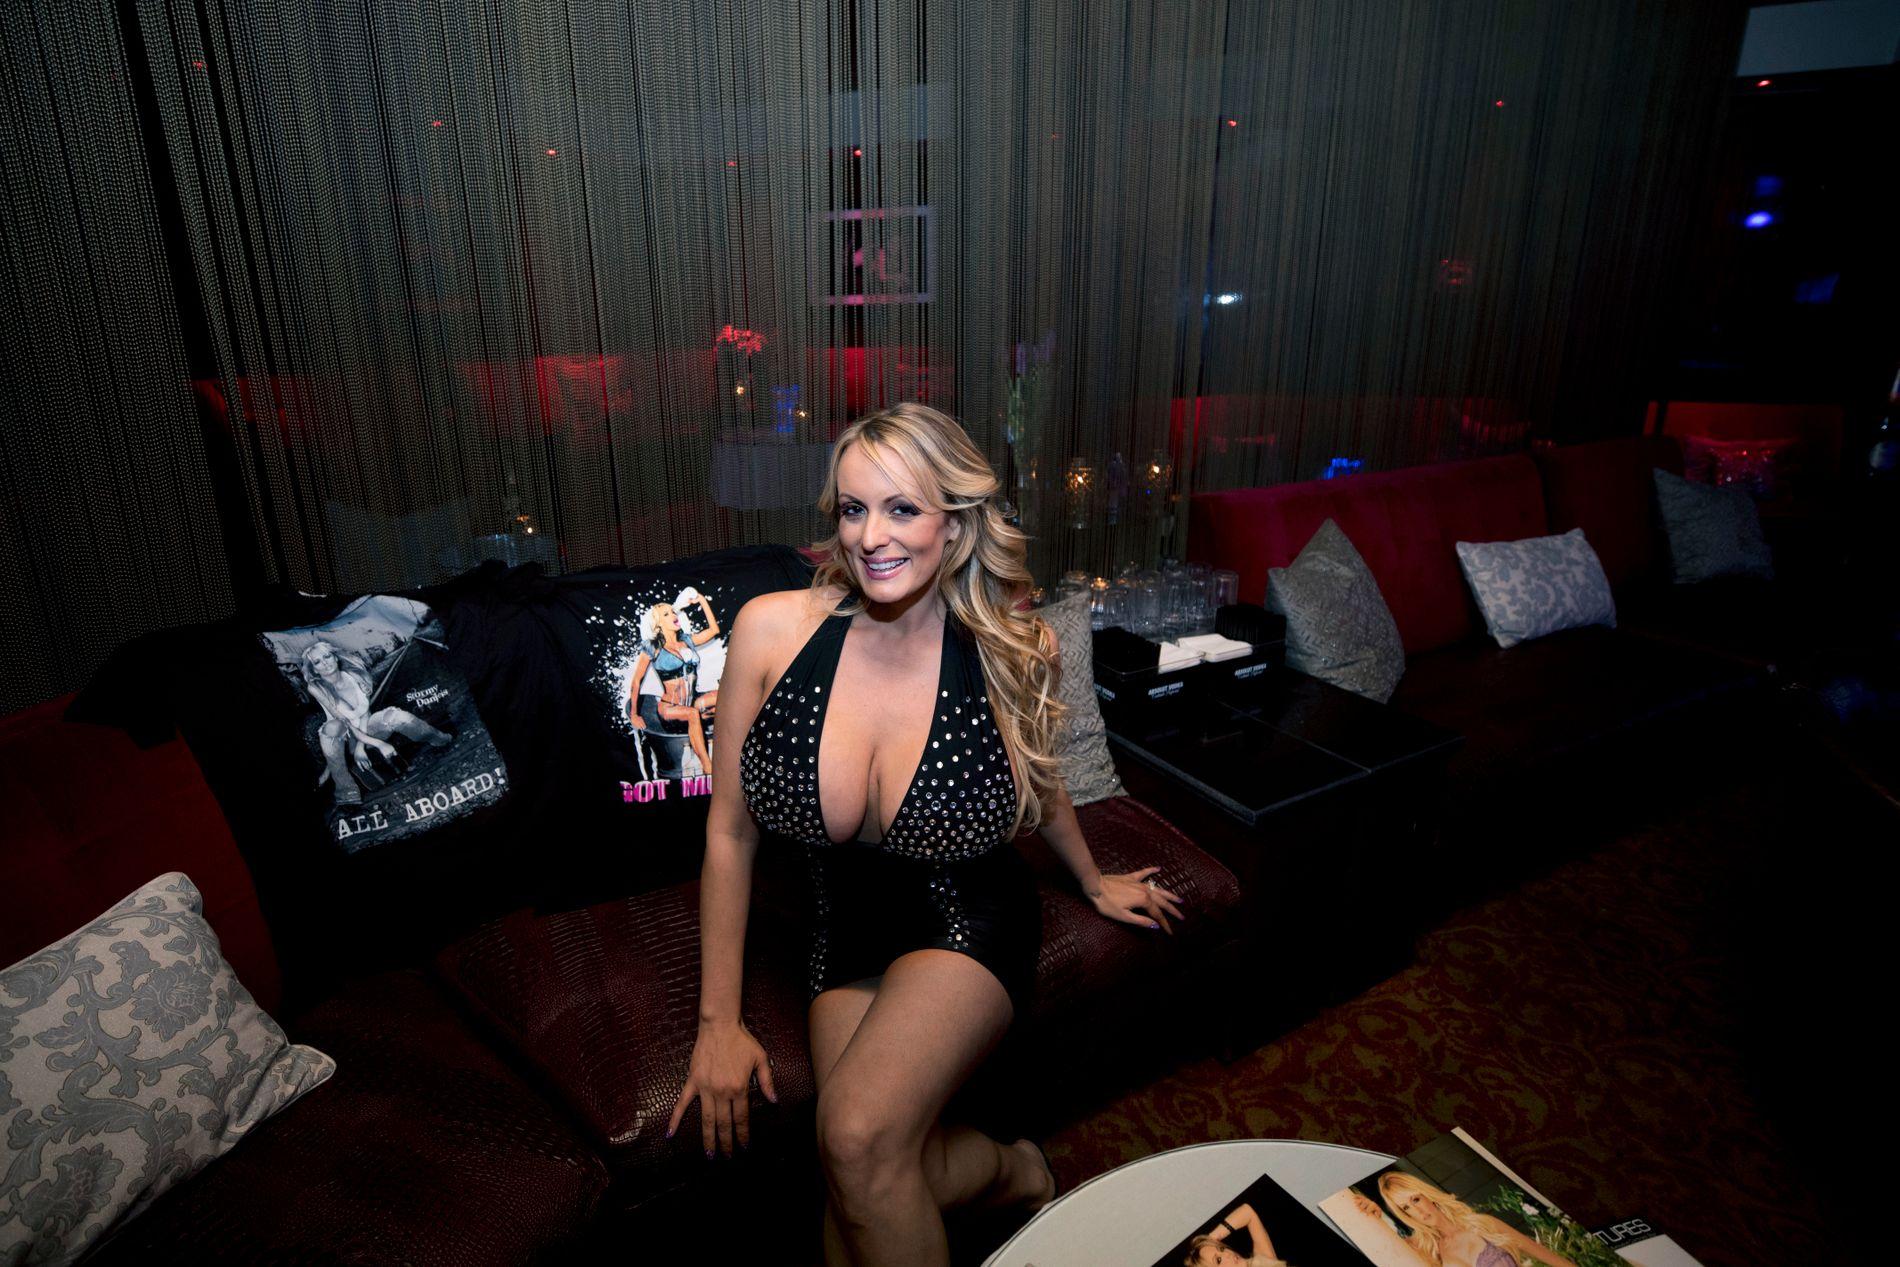 ANKLAGER PRESIDENTEN: VG møtte Stormy Daniels på en strippeklubb i Florida tidligere i år.